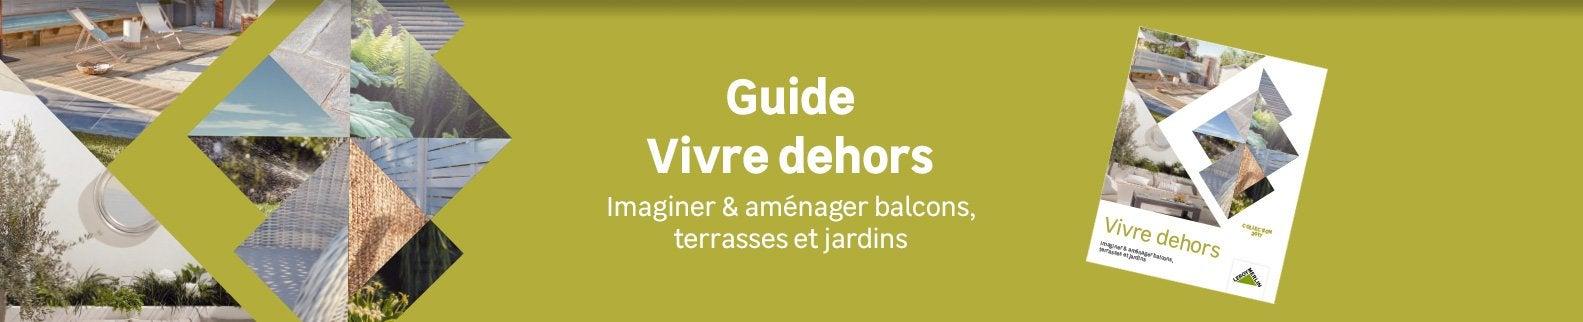 Guide vivre dehors leroy merlin - Guide leroy merlin jardin et terrasse tourcoing ...